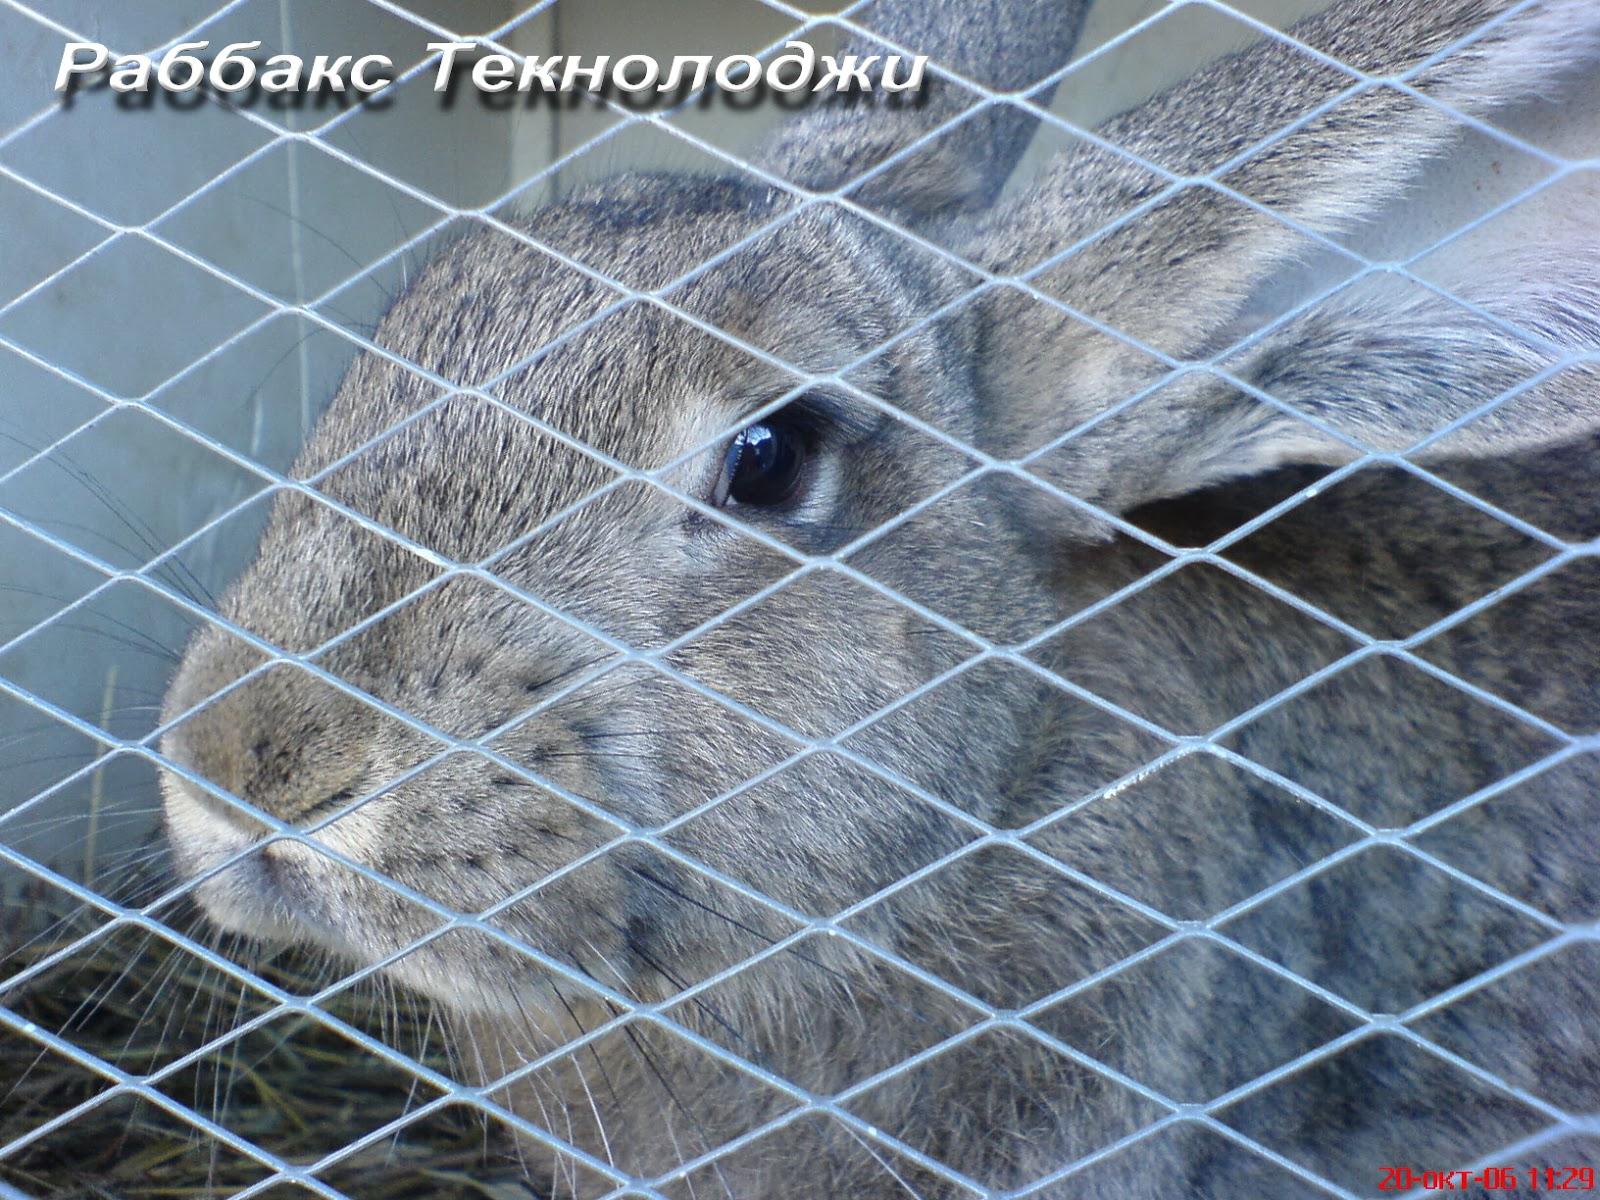 Фізіологія кролика